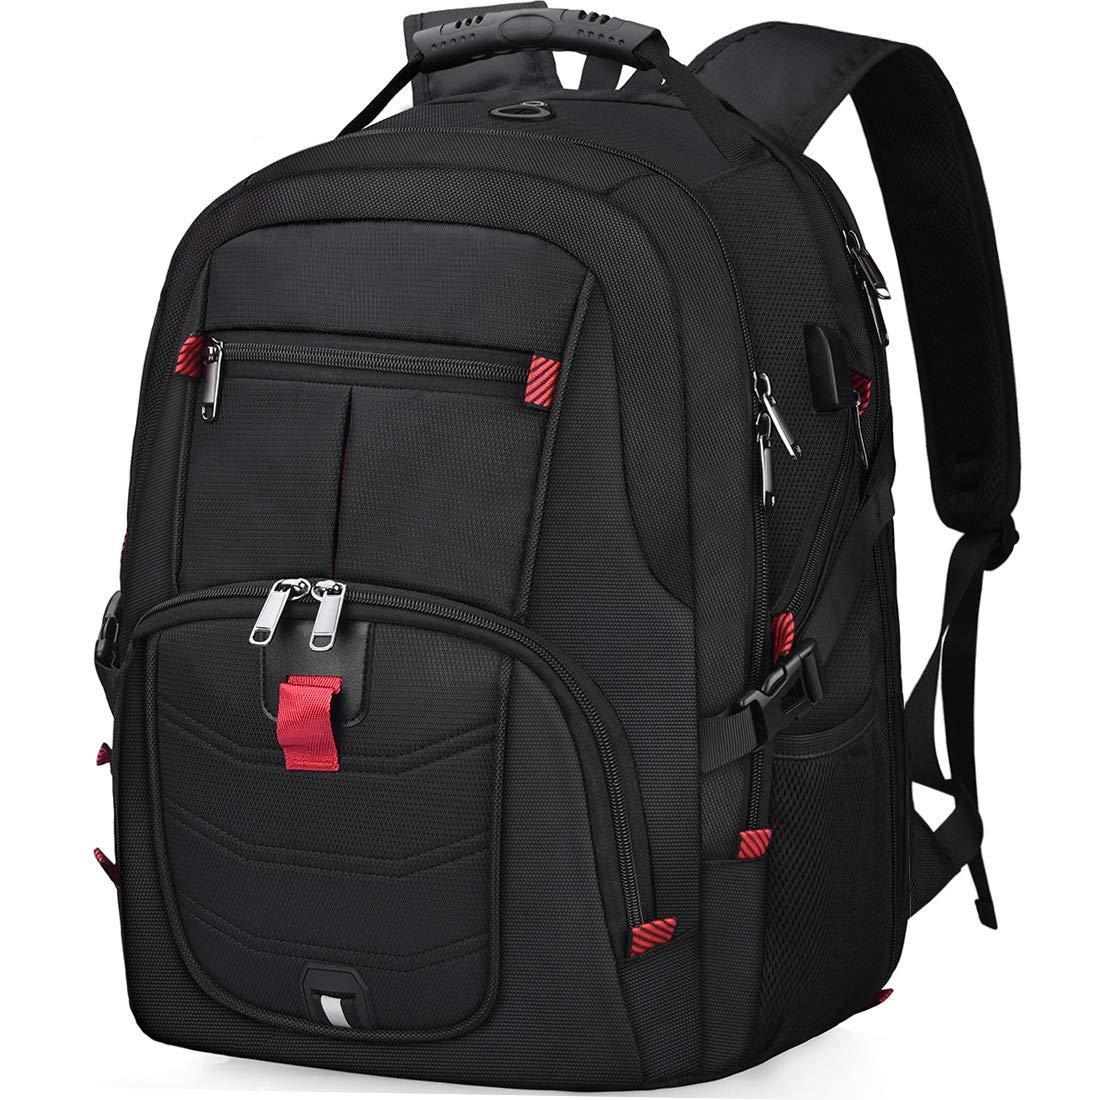 be67455f4a Sac à Dos Ordinateur Portable 17.3 Pouces Homme Imperméable avec USB  Charging Port Sac a Dos